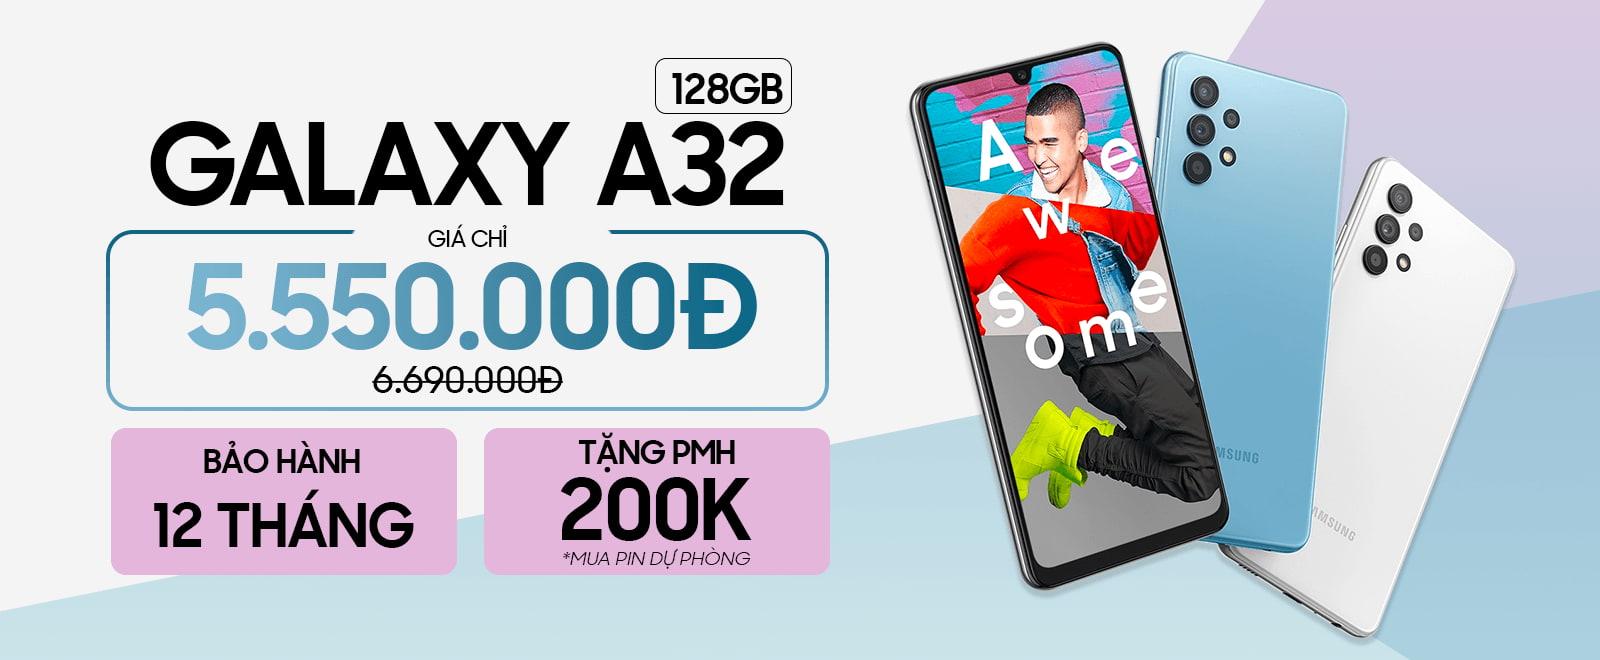 Galaxy A32 128GB Giá chỉ 5,6 triệu